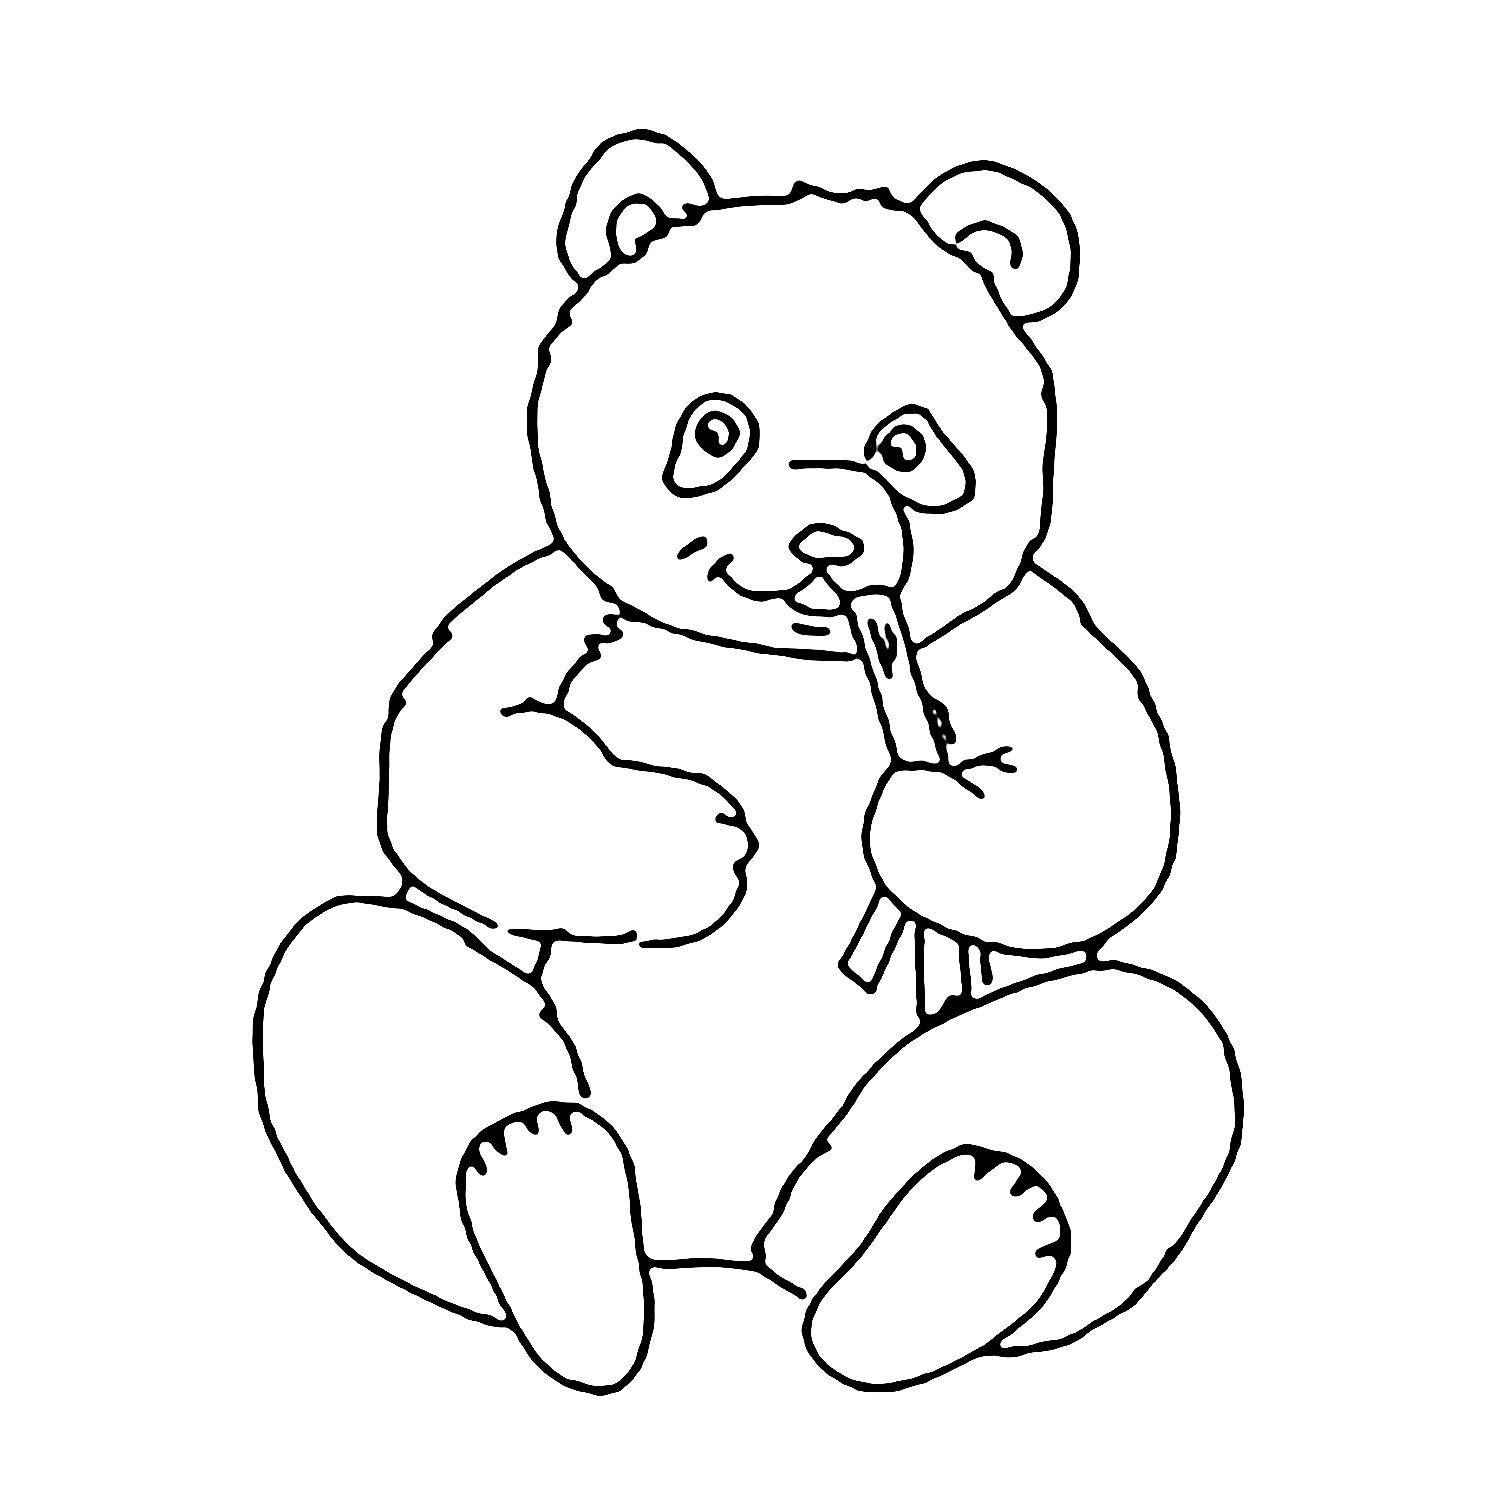 Tranh tô màu con gấu trúc bé